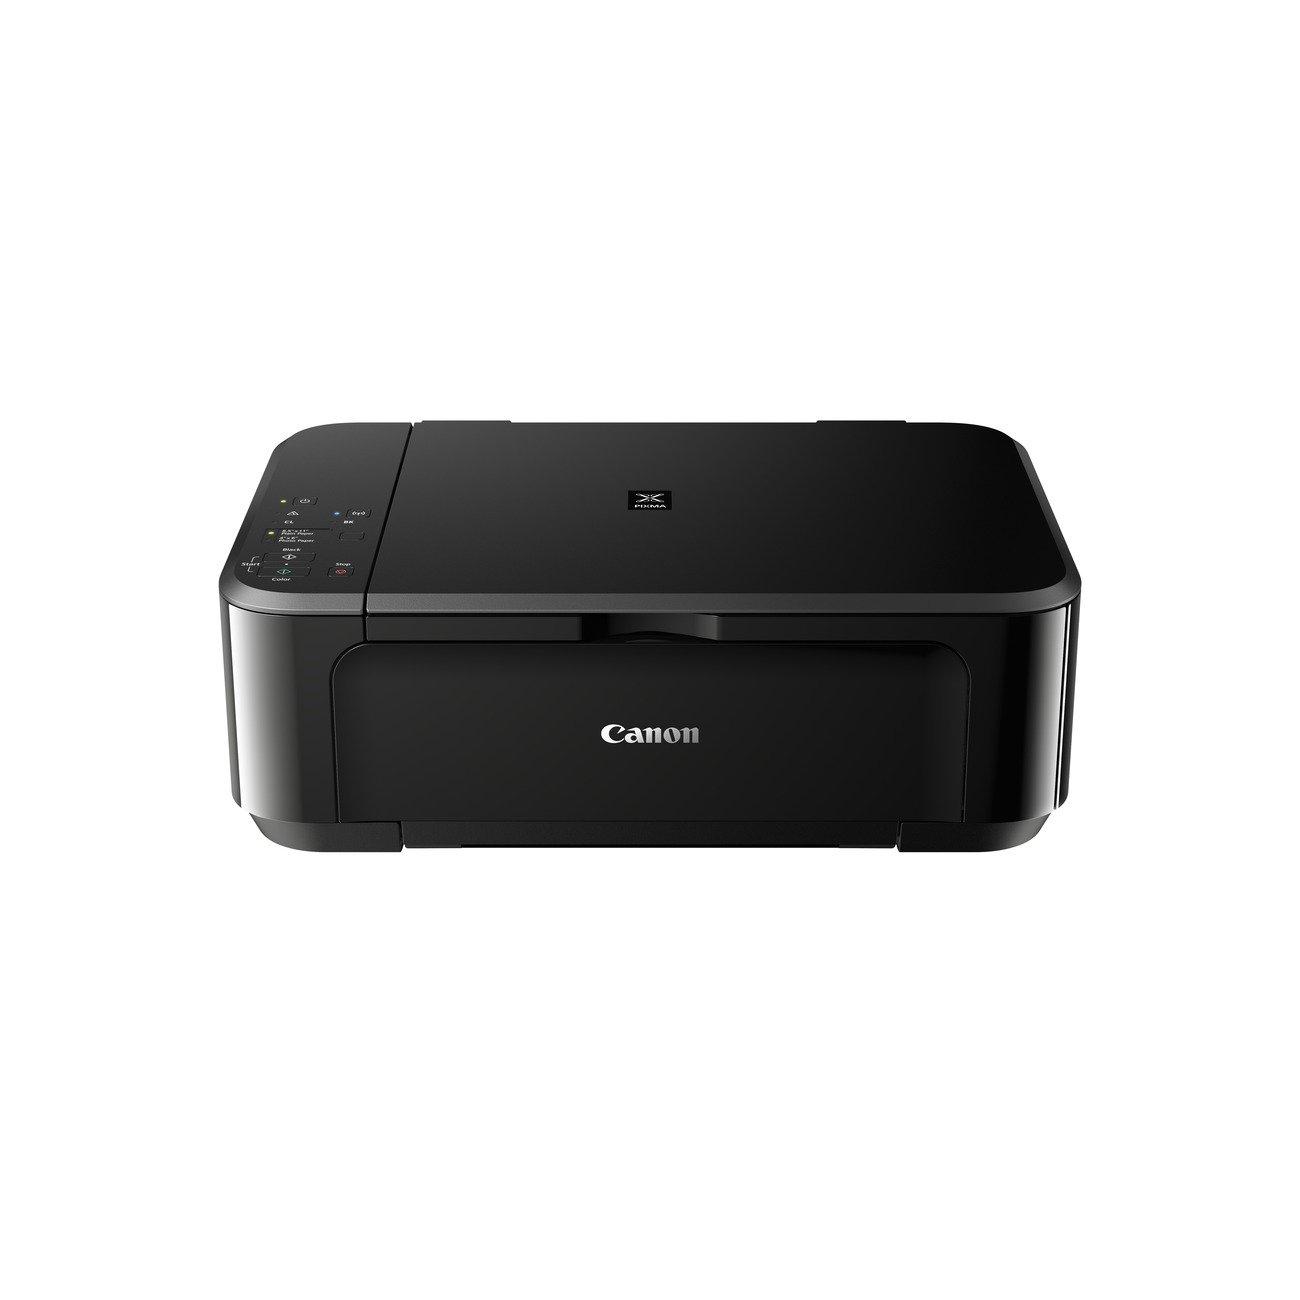 DruckerTreiber Canon mg20 Treiber kostenlos für Windows und Mac